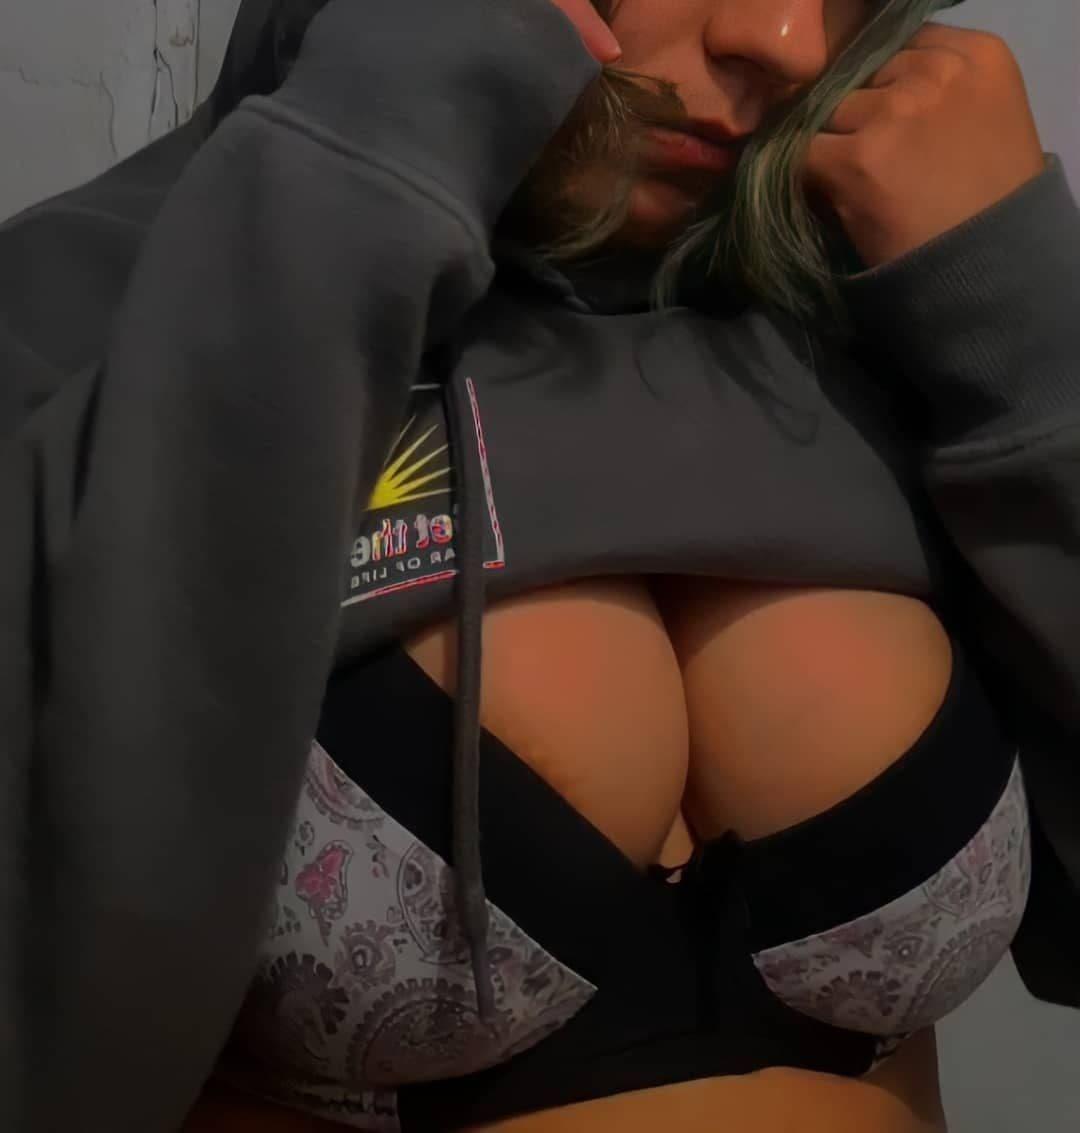 PACK casero de Adolescente Tetona + NUDES Y VIDEOS 3